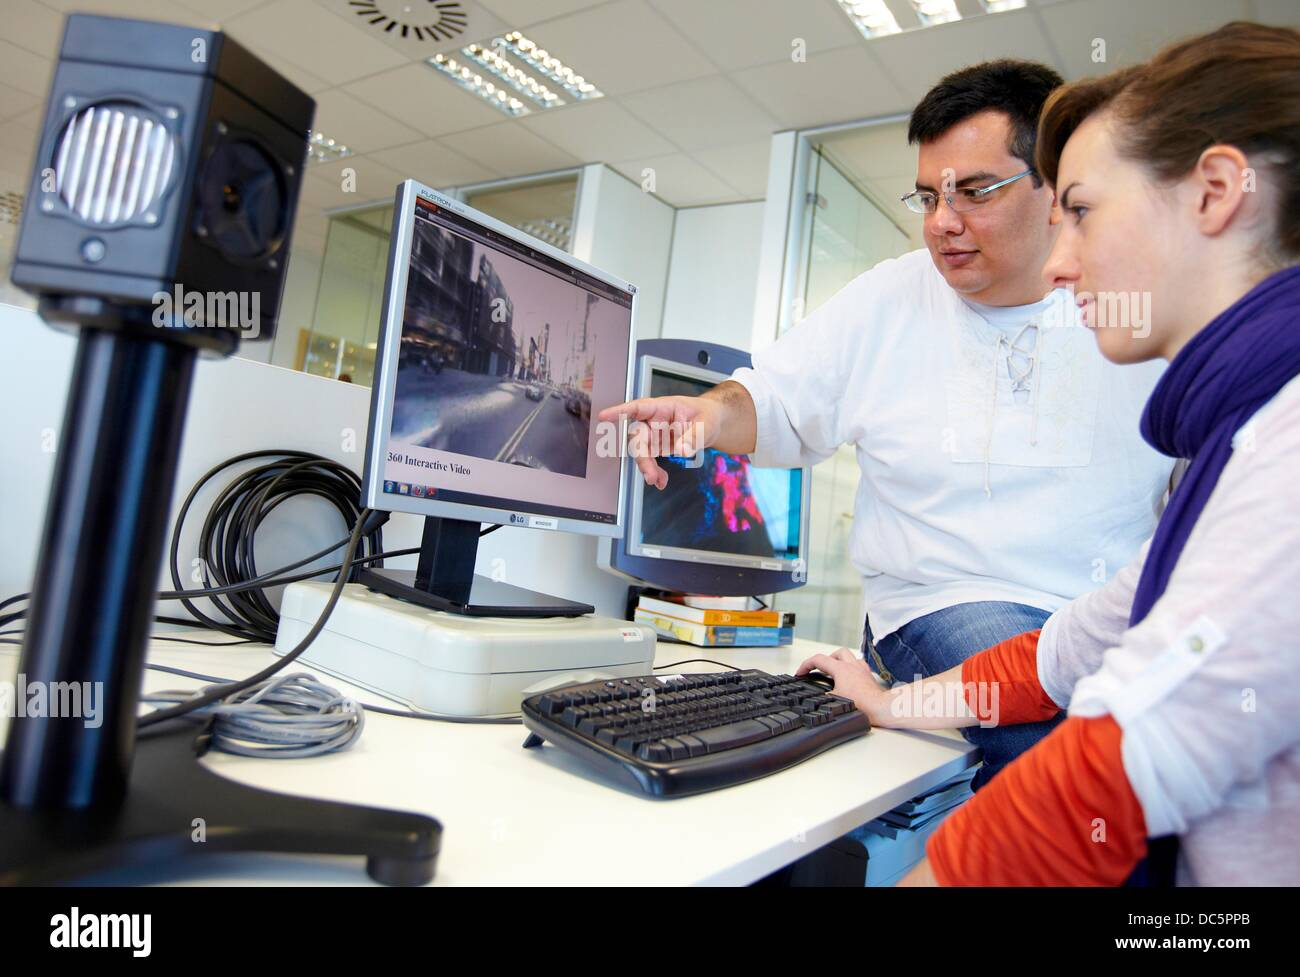 Démo vidéo omnidirectionnels, systèmes intelligents pour les transports et l'ingénierie, Photo Stock